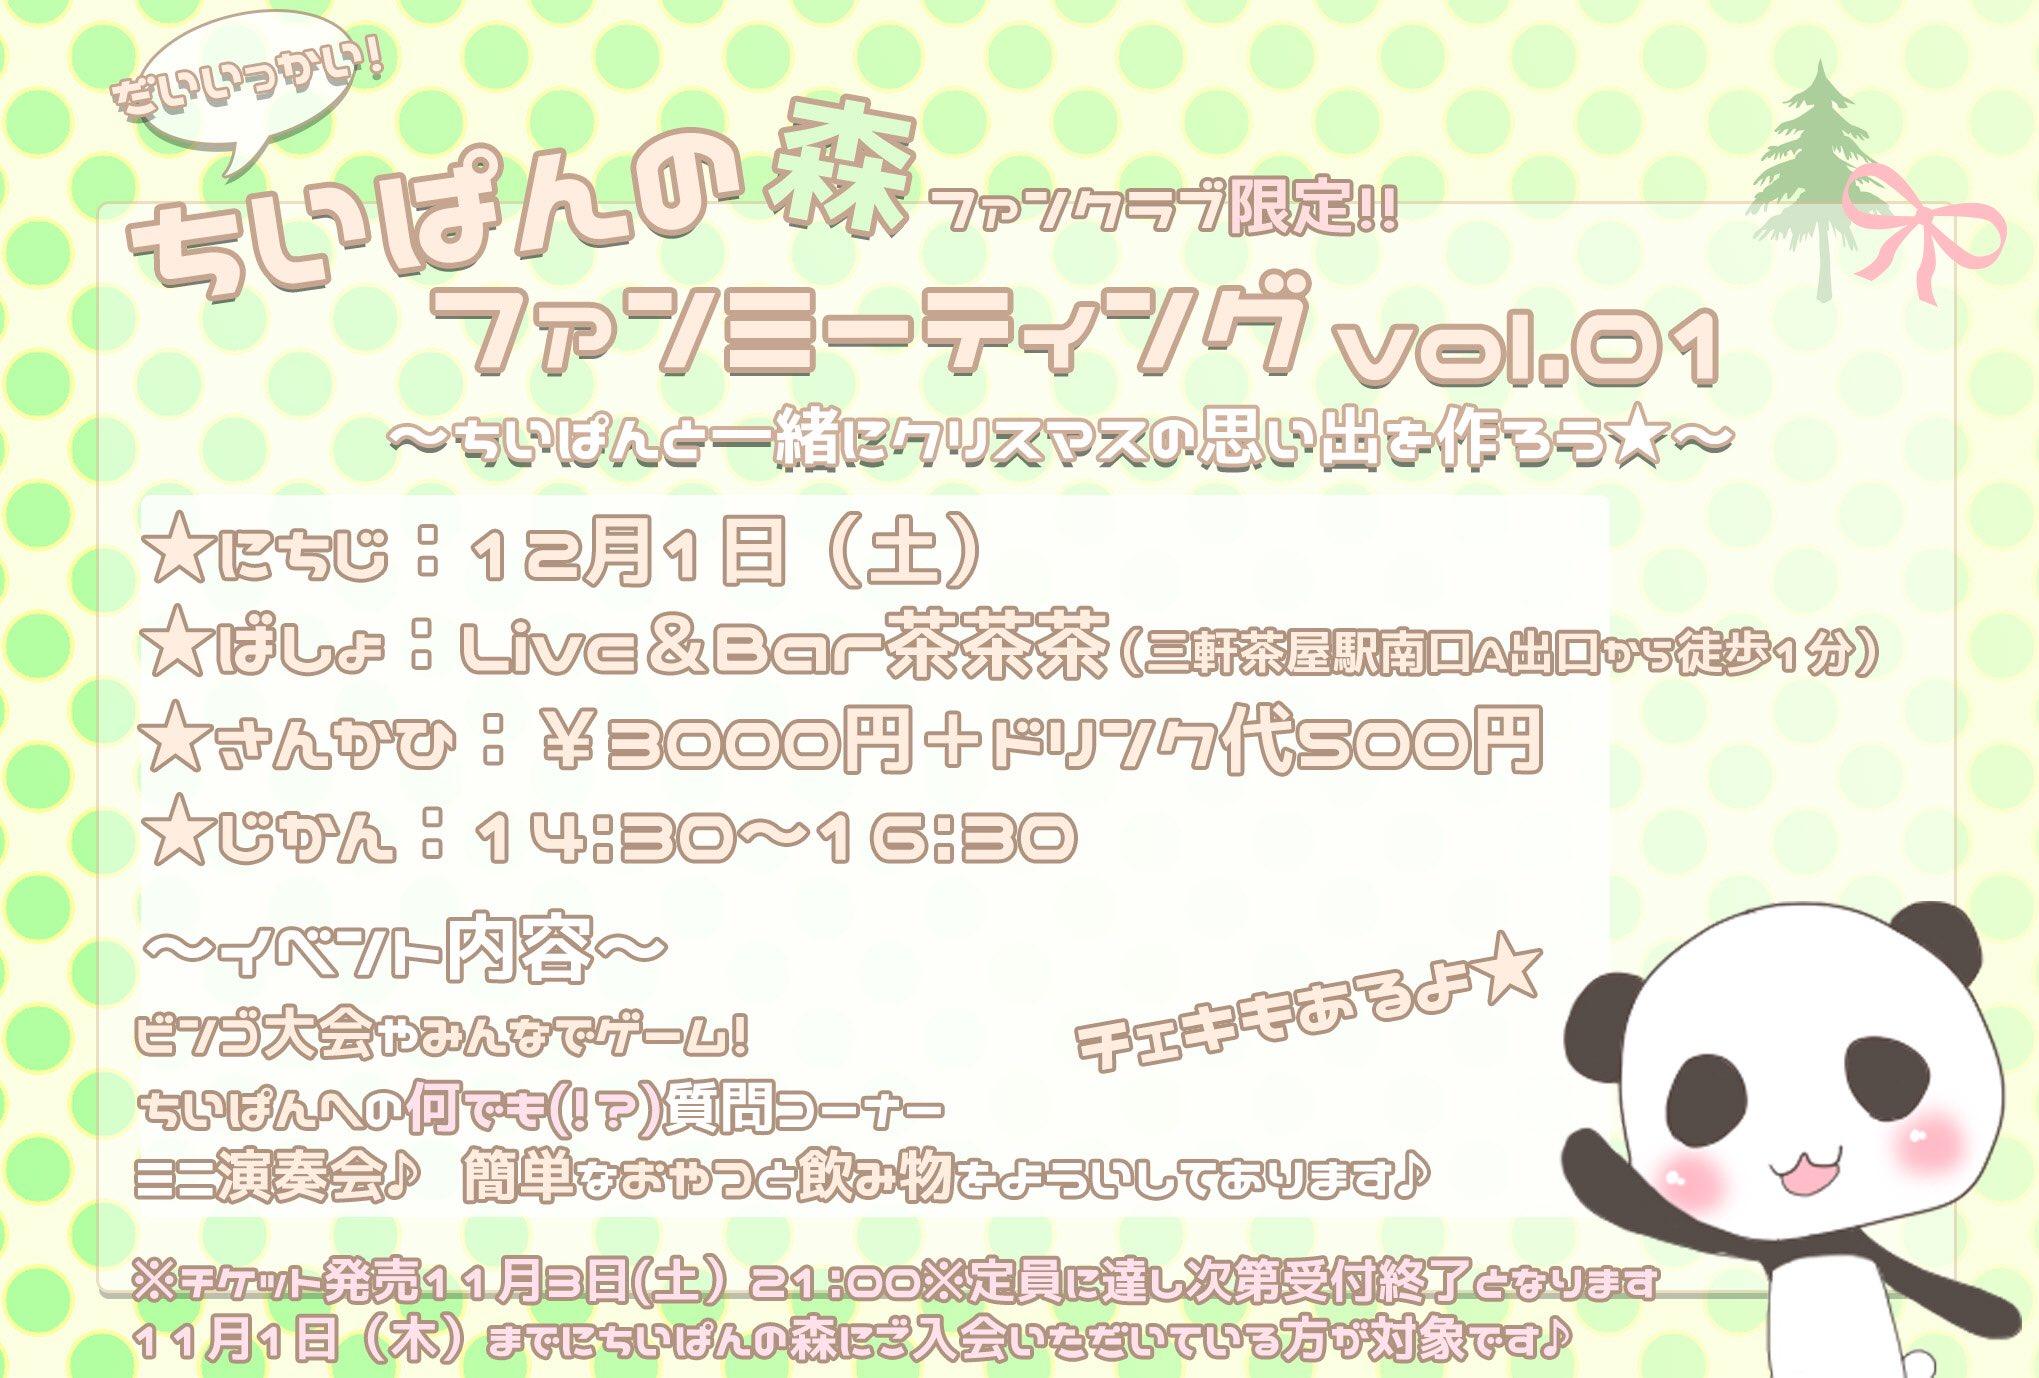 ちいぱんの森ファンミーティングvol.01